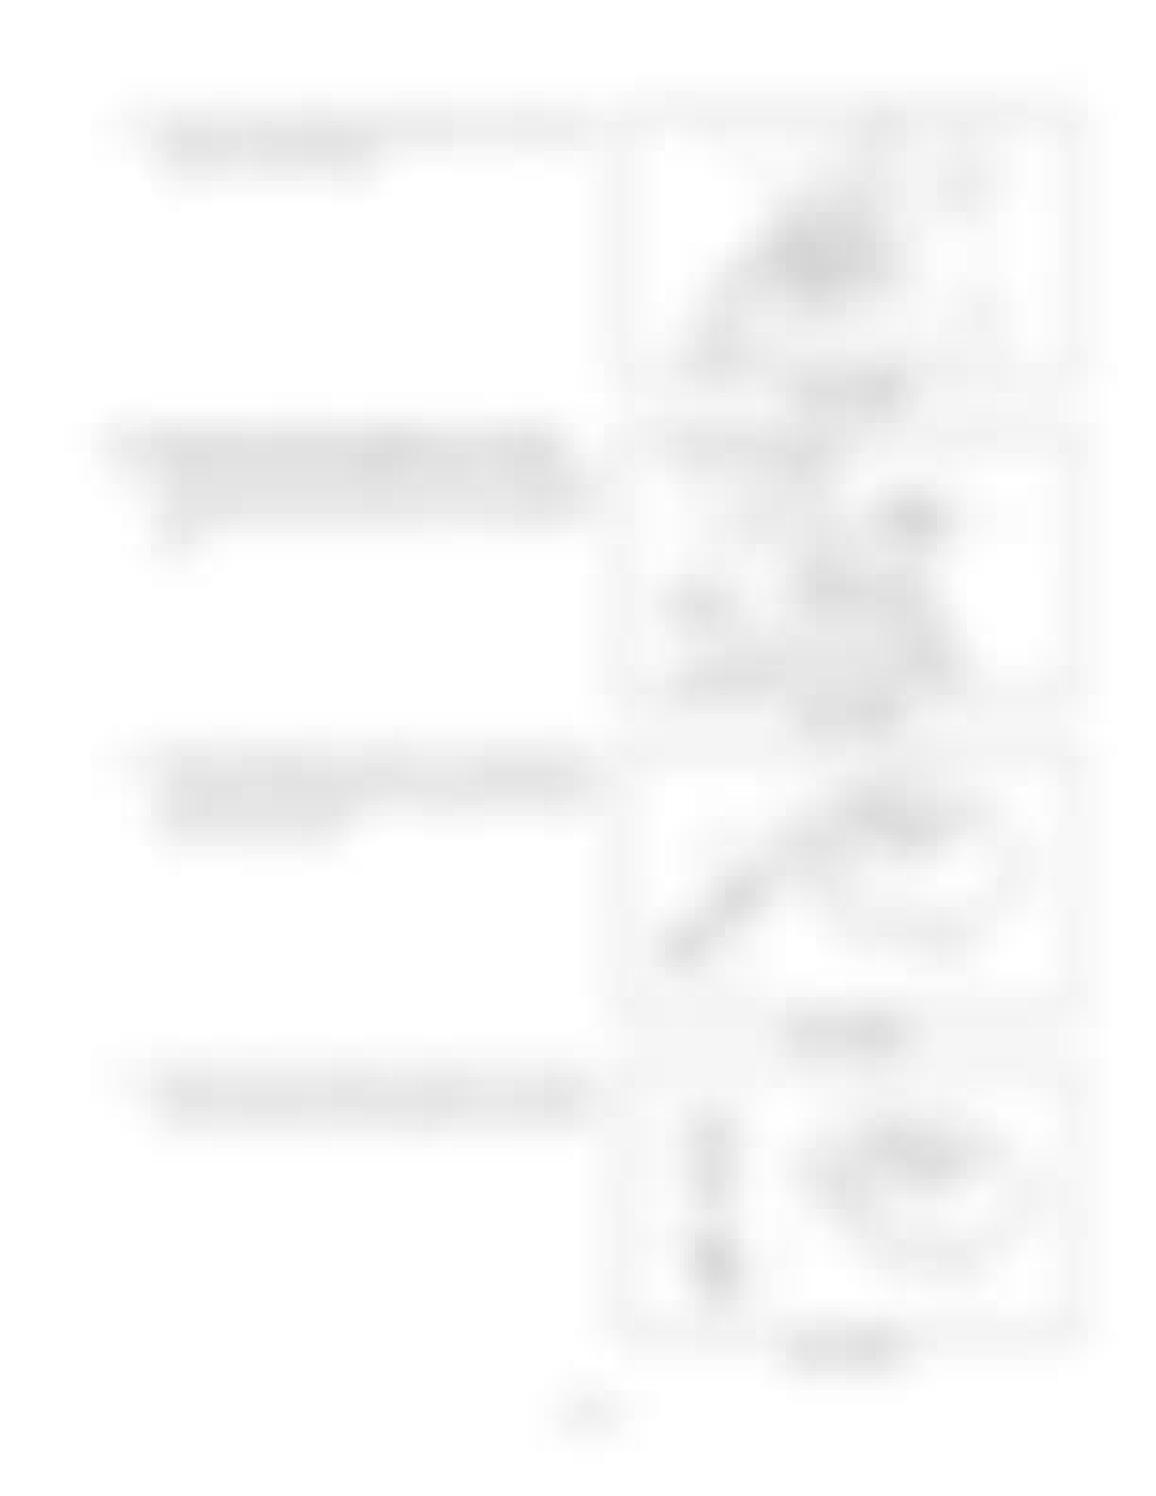 Hitachi LX110-7 LX130-7 LX160-7 LX190-7 LX230-7 Wheel Loader Workshop Manual - PDF DOWNLOAD page 95